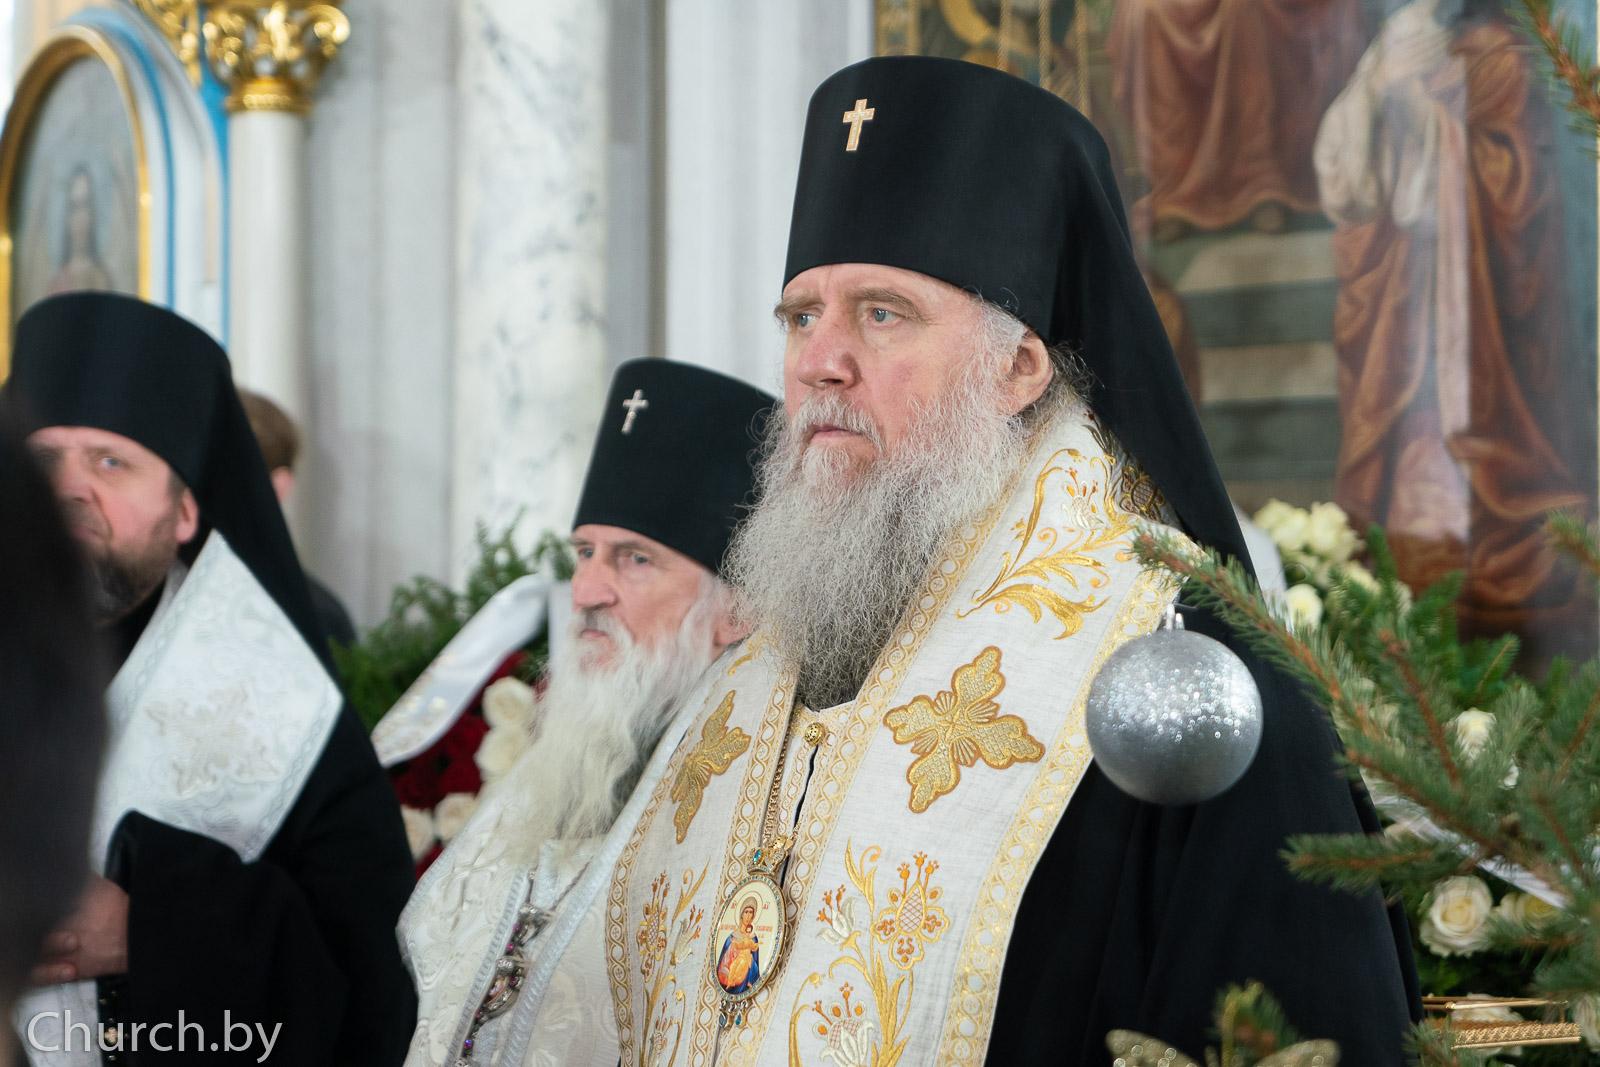 Ректор семинарии сослужил митрополиту Вениамину за Литургией и отпеванием новопреставленного митрополита Филарета